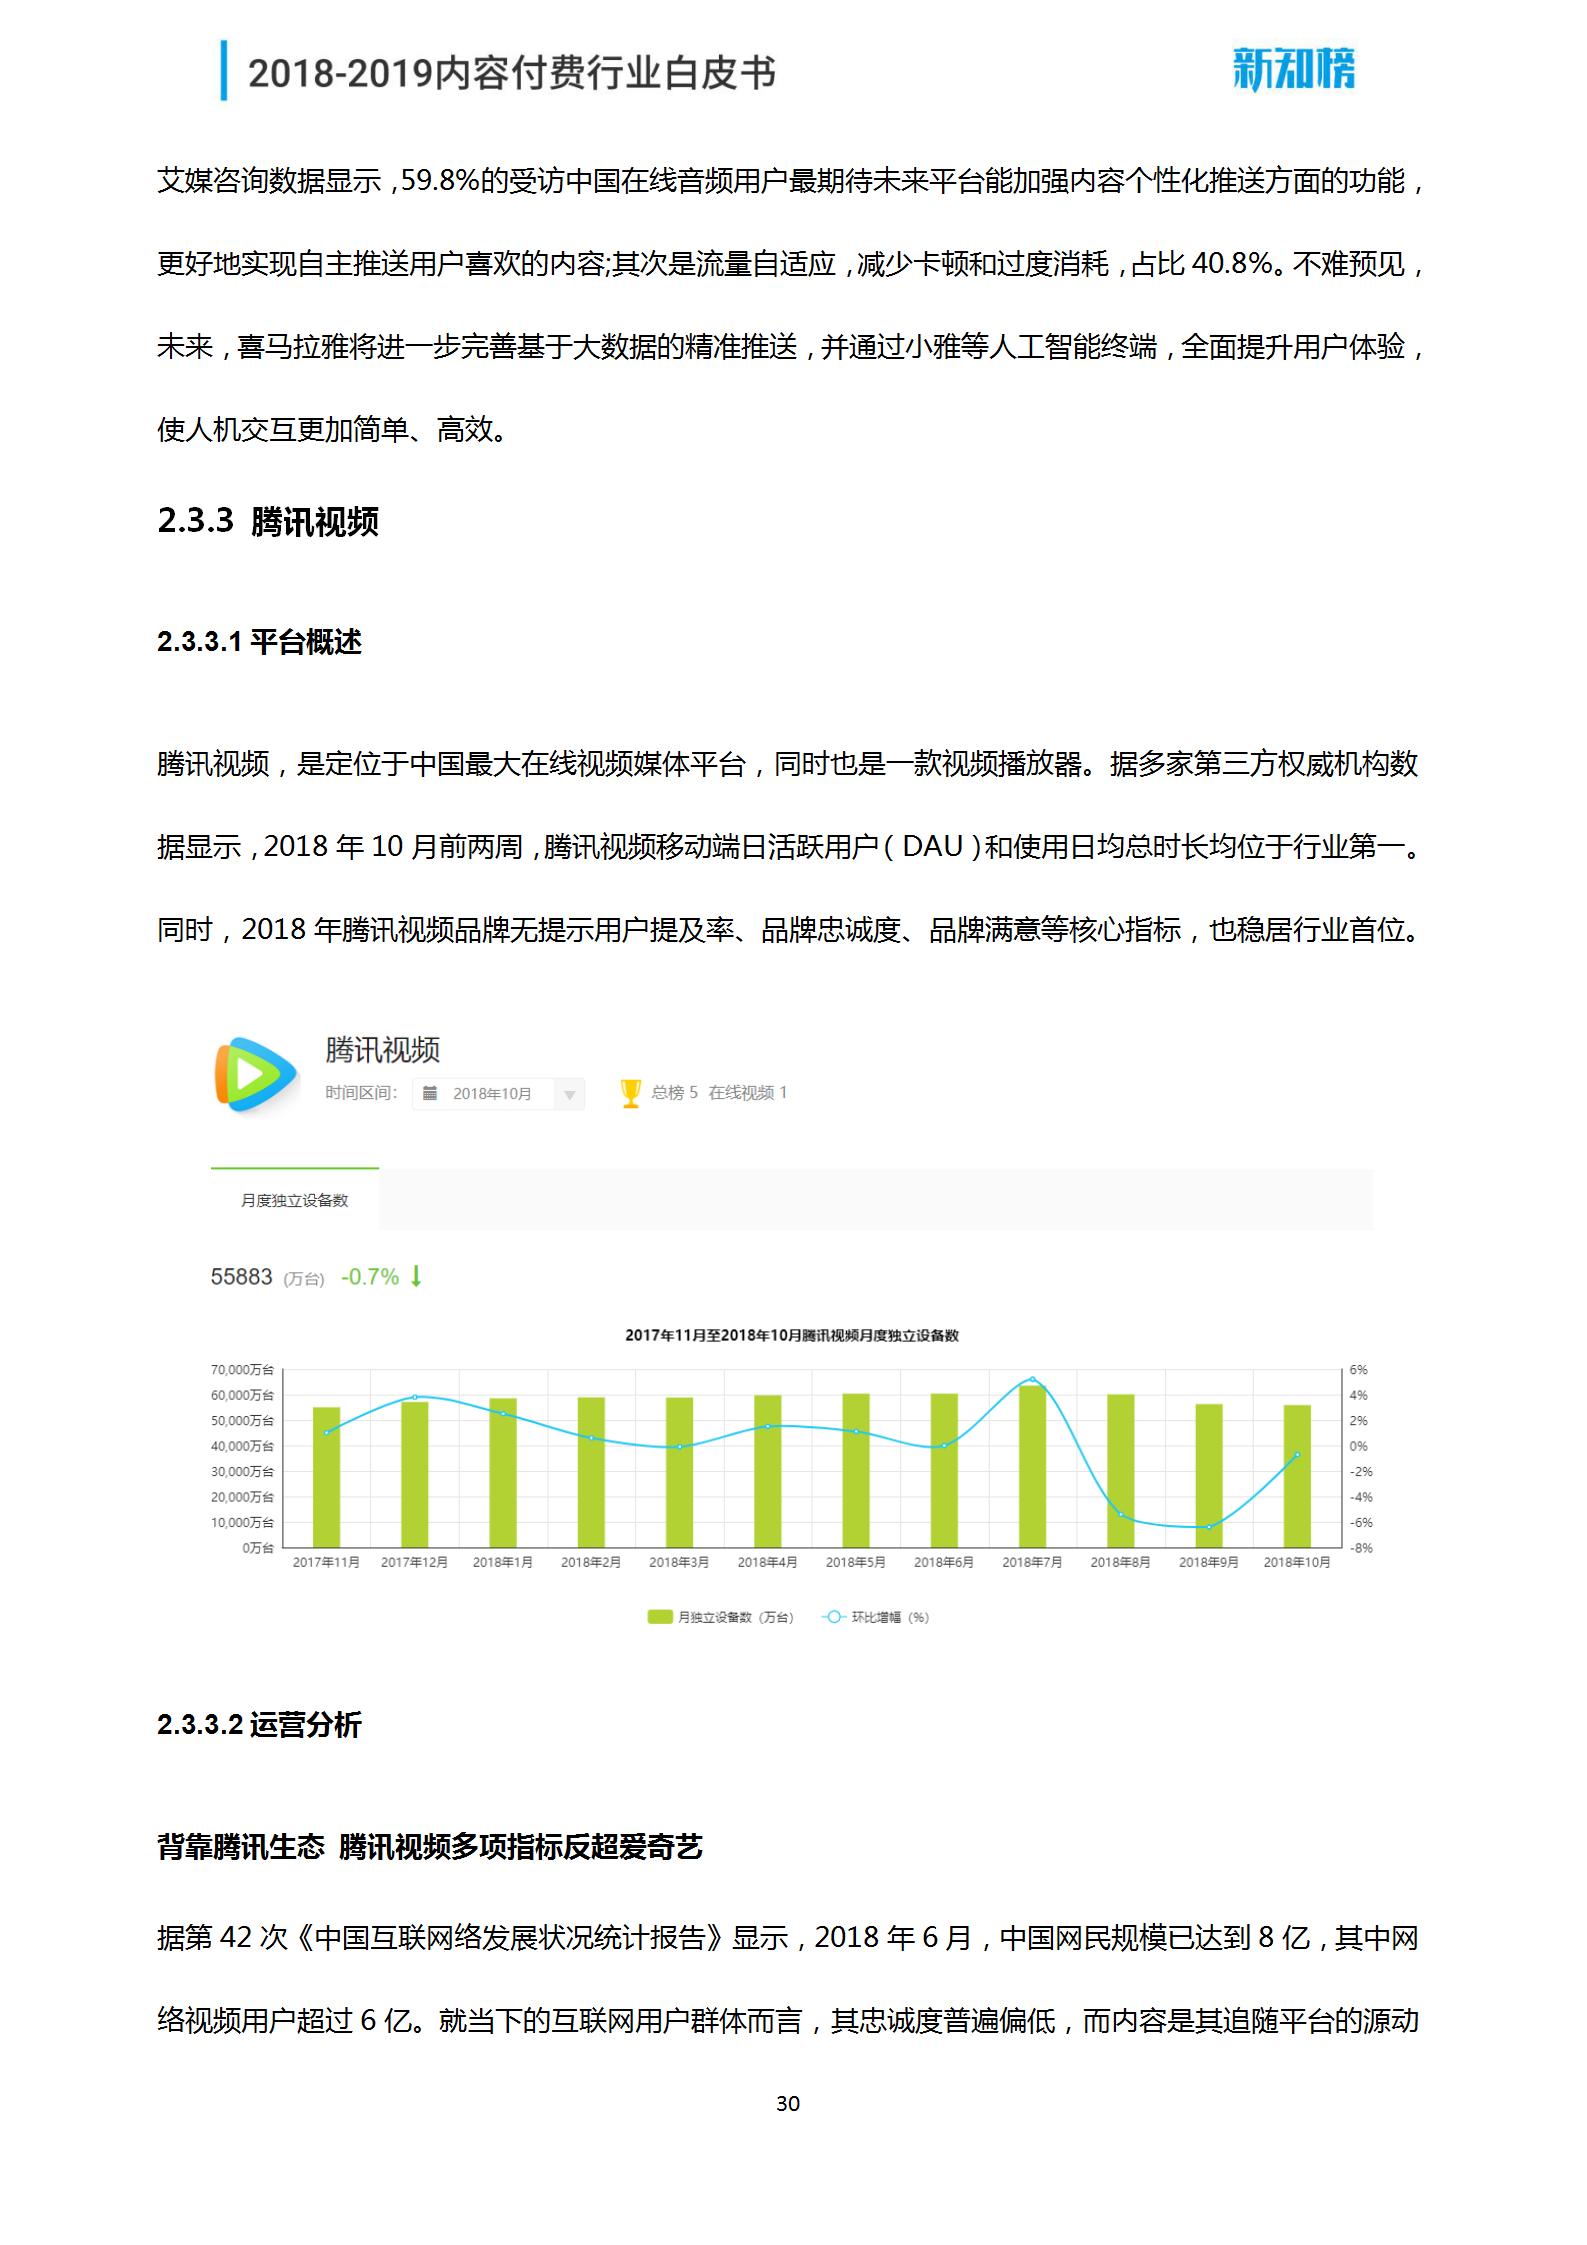 新知榜2018-2019内容付费行业白皮书_30.png